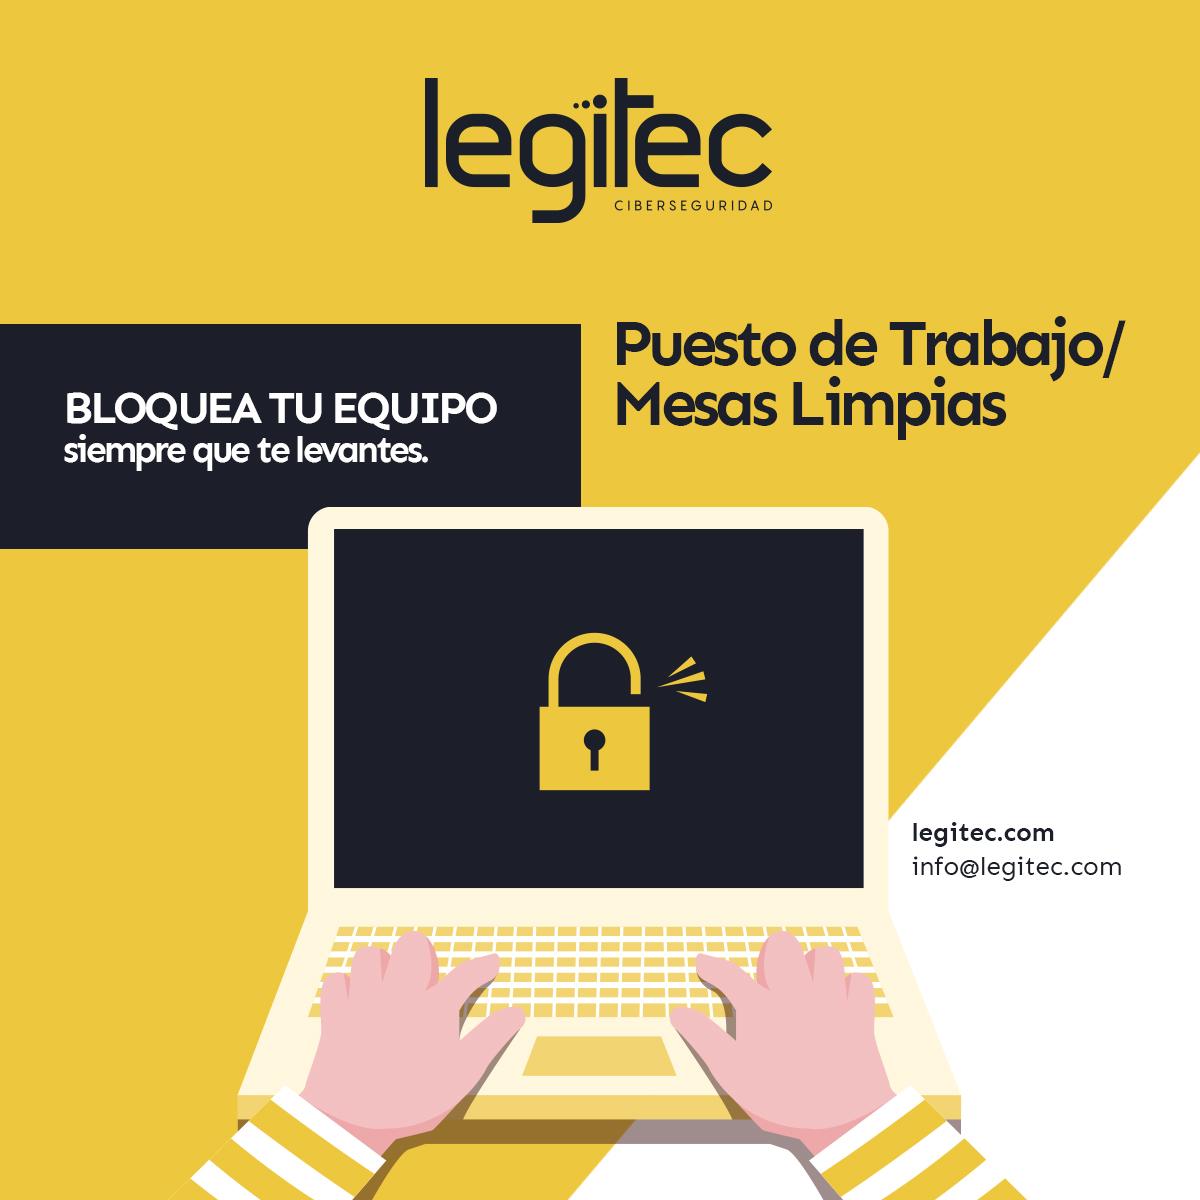 Consejo ciberseguridad puesto de trabajo